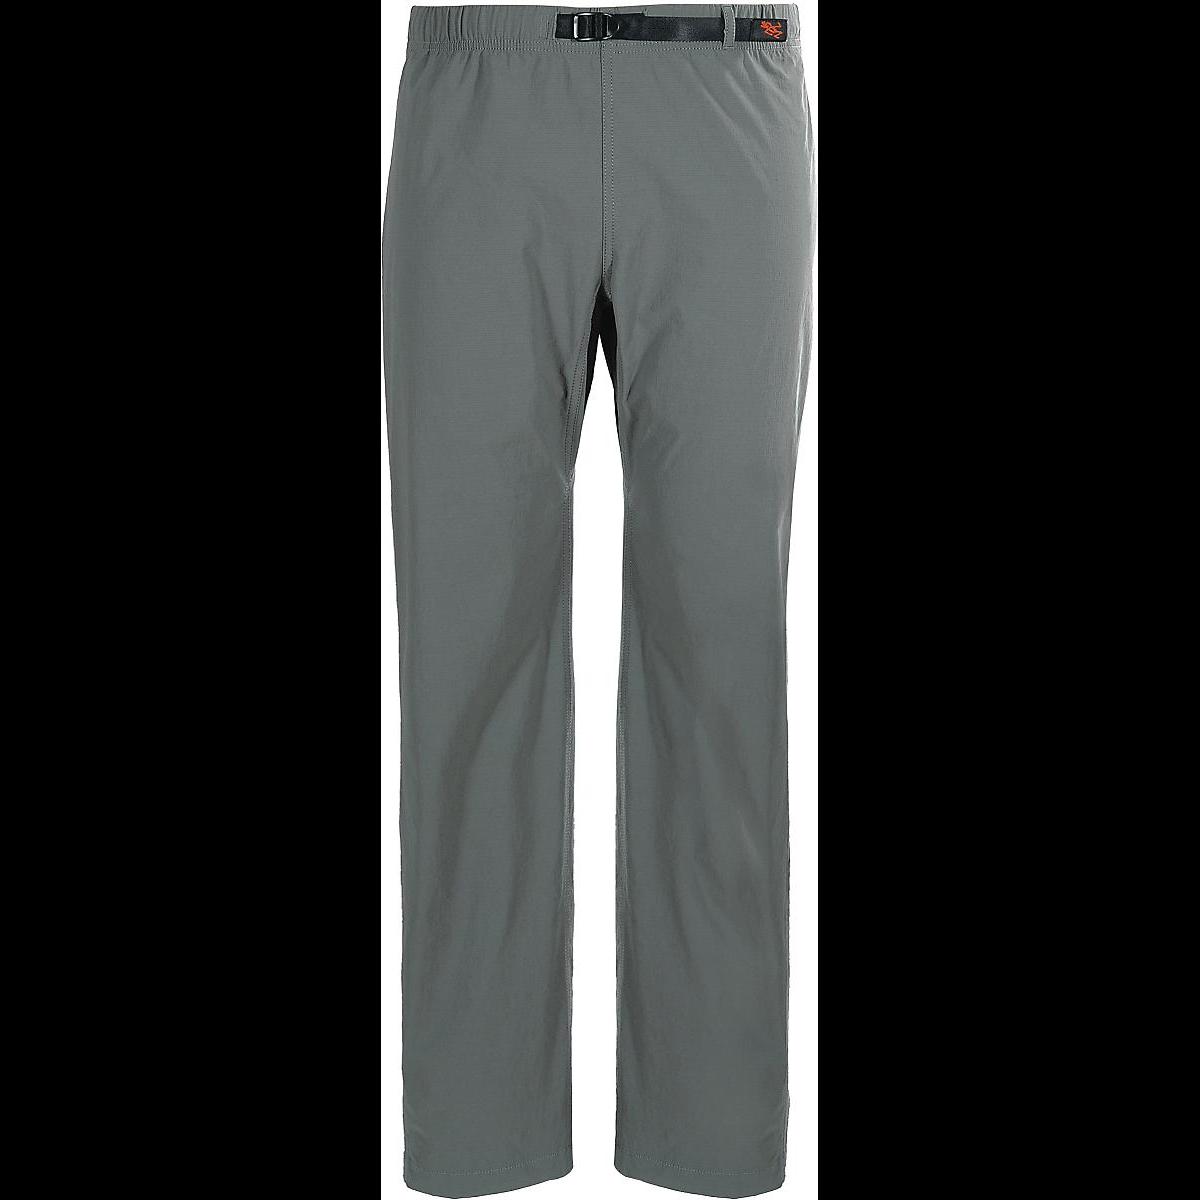 Gramicci Original G Ripstop Pants